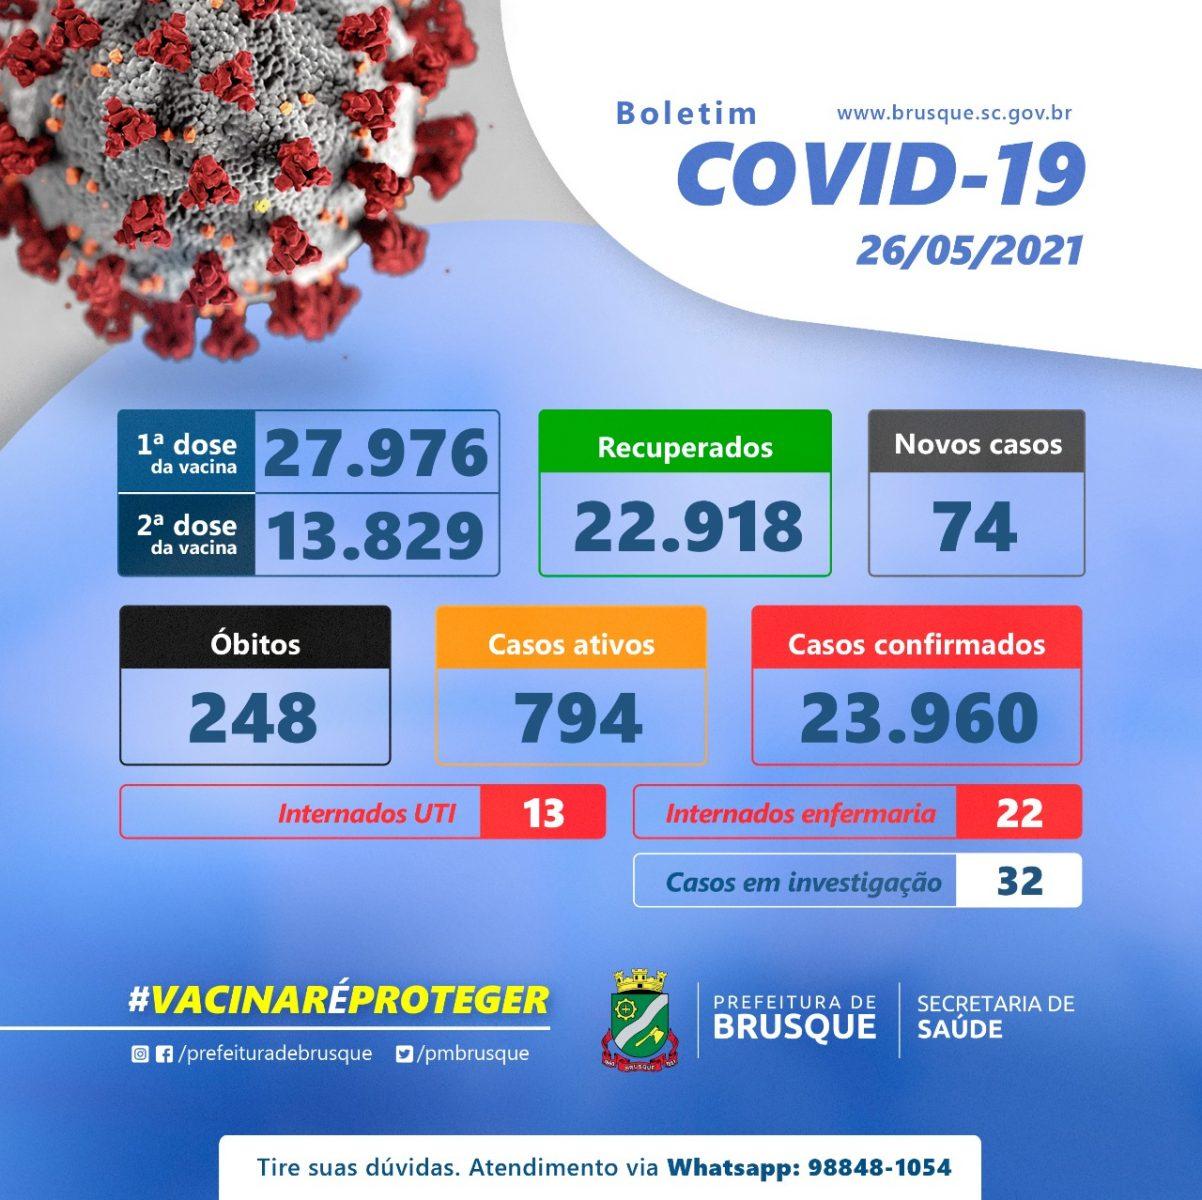 Covid-19: Confira o boletim epidemiológico desta quarta-feira (26)